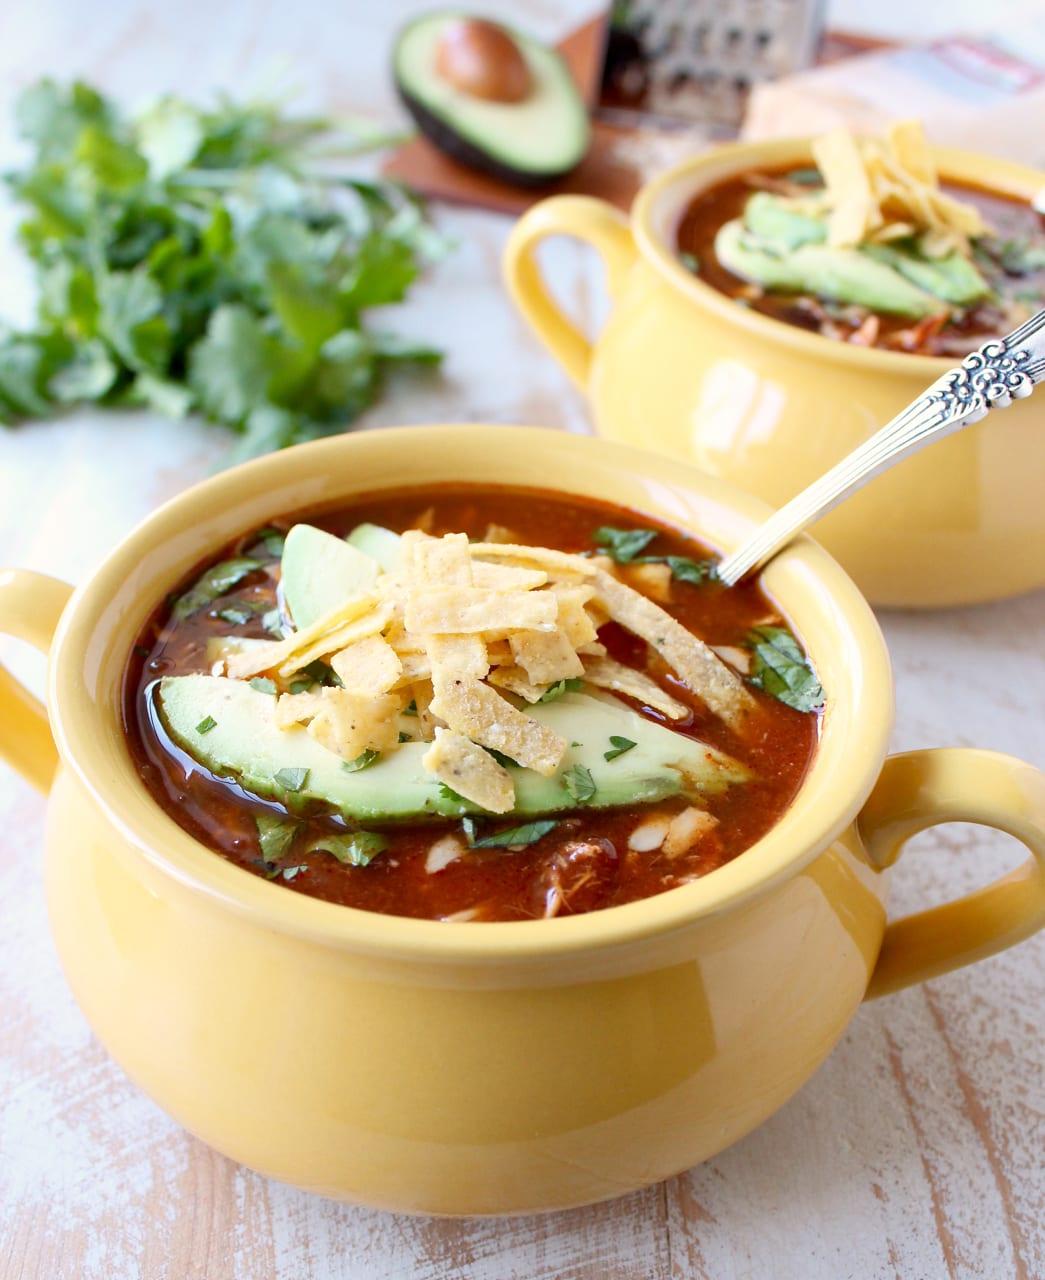 Spicy chicken quesadilla soup recipe